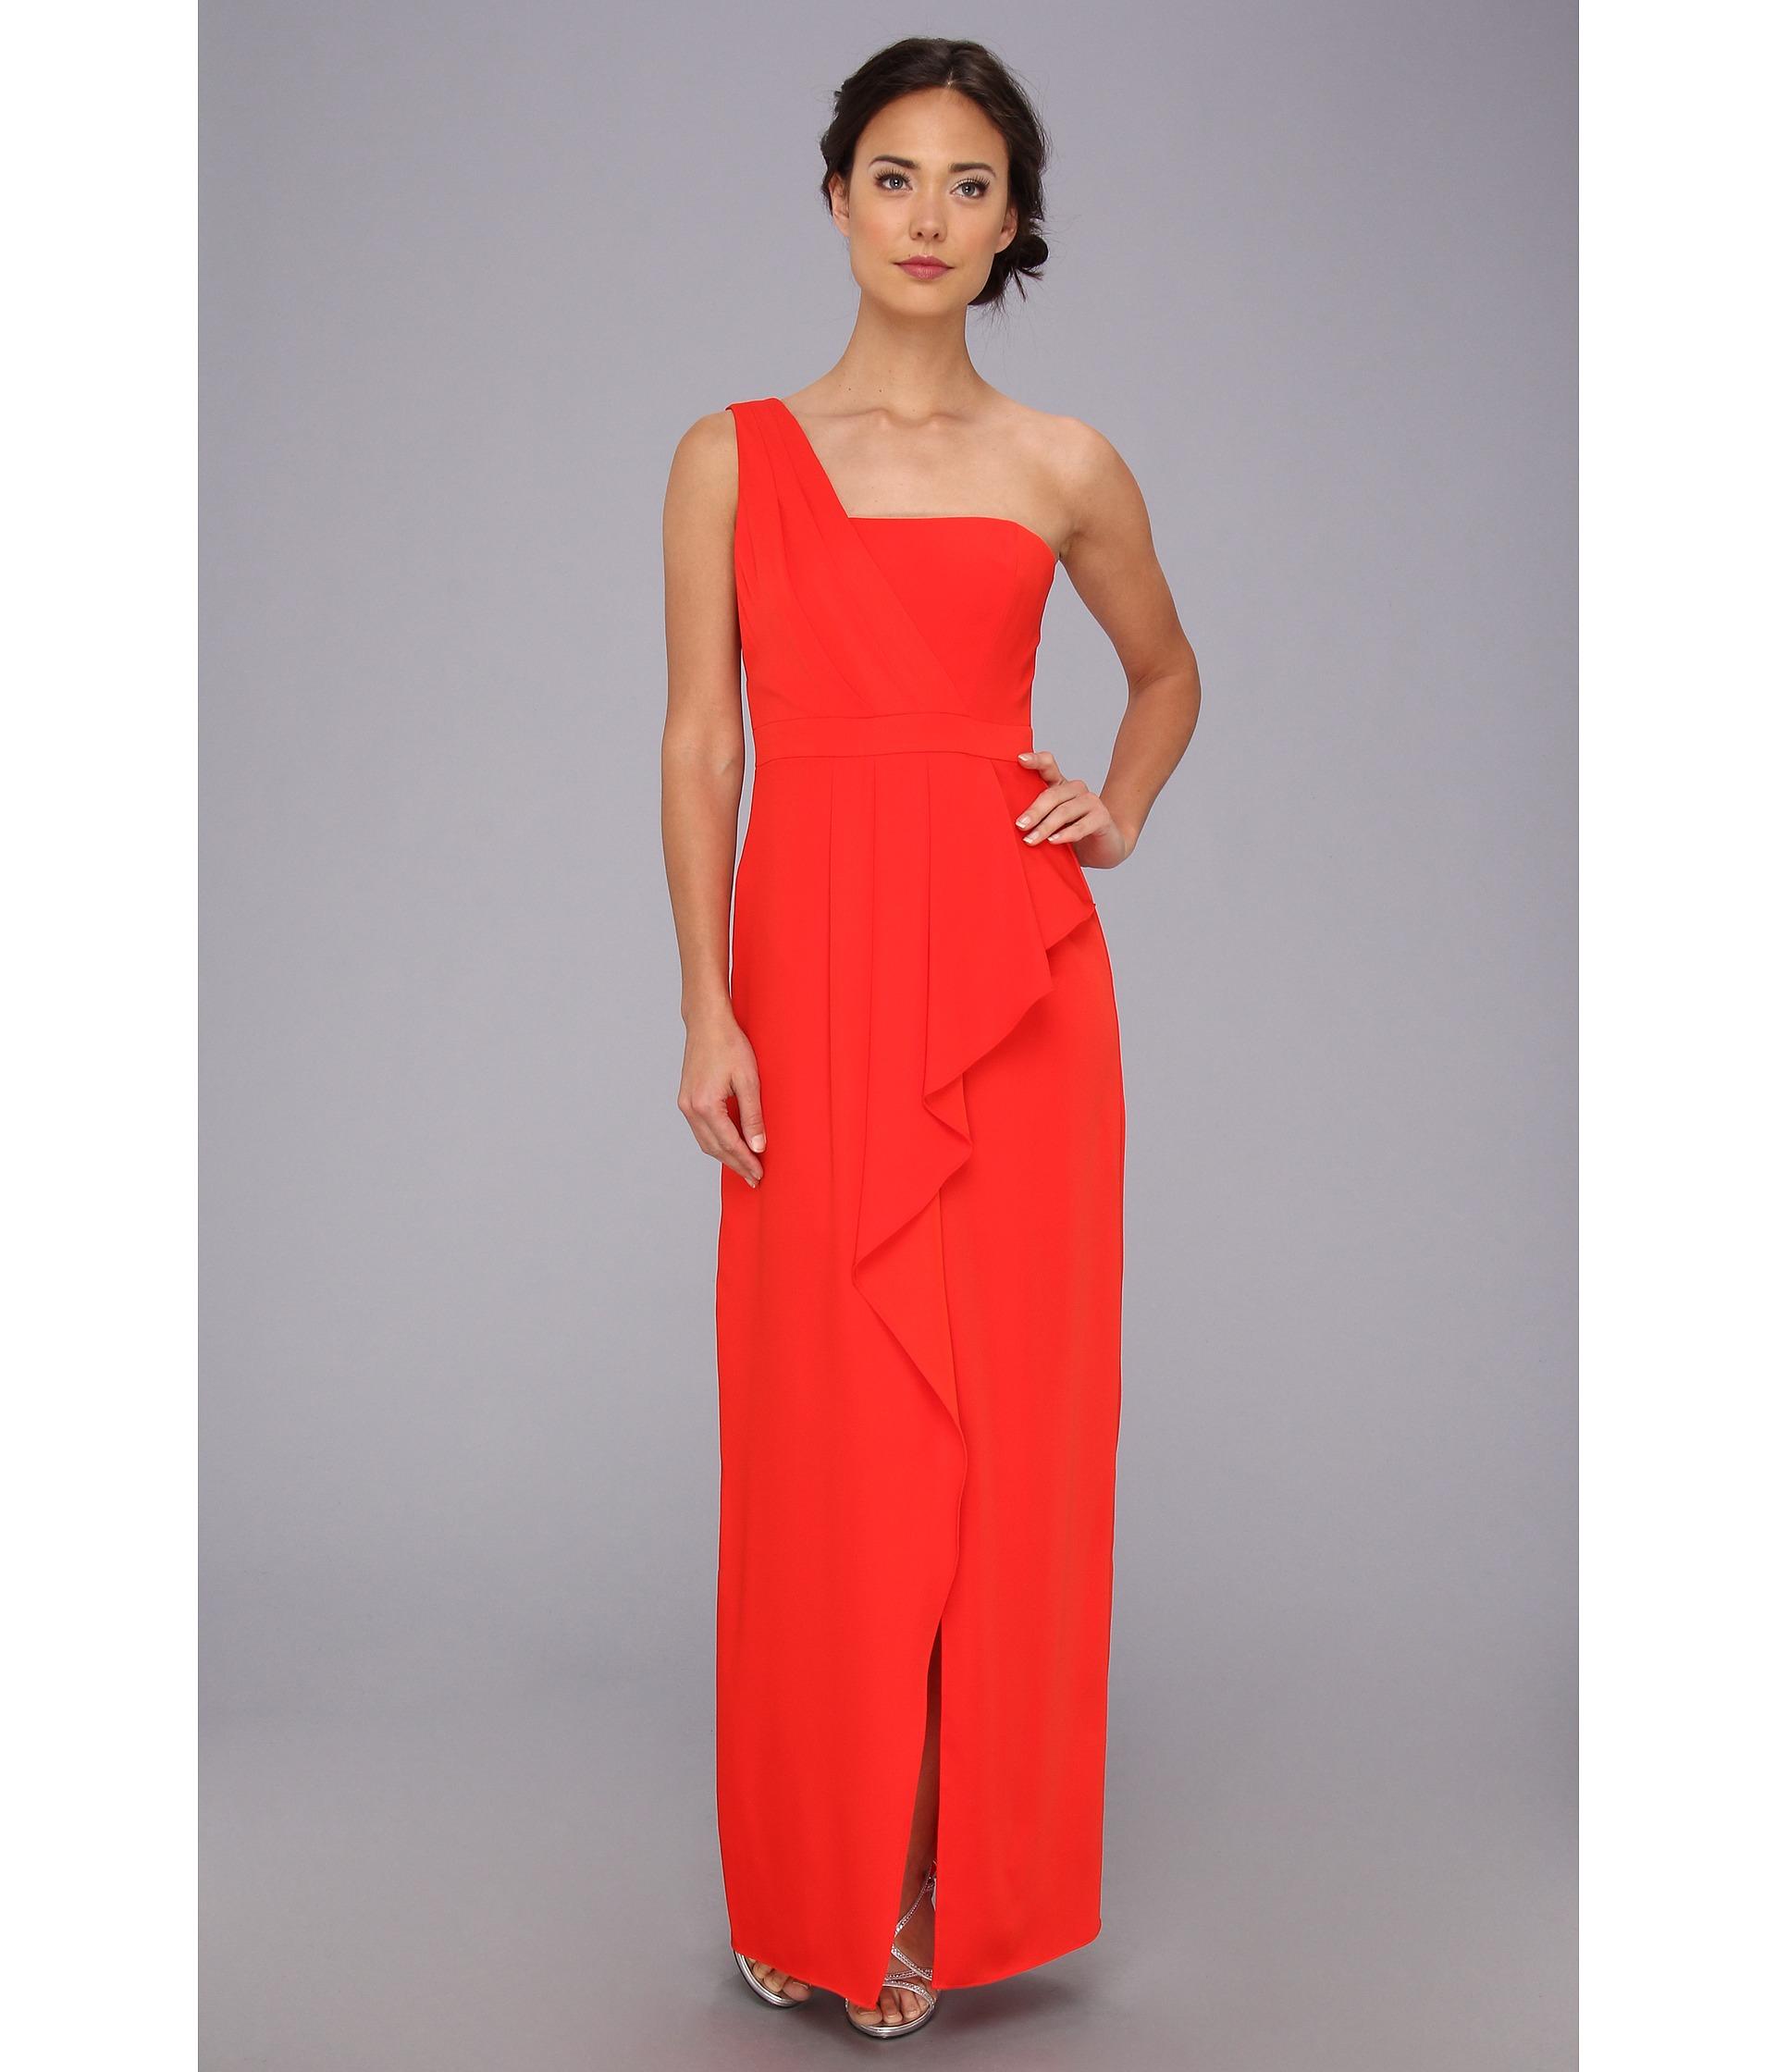 Lyst - Bcbgmaxazria Kristine One-Shoulder Peplum Gown in Red